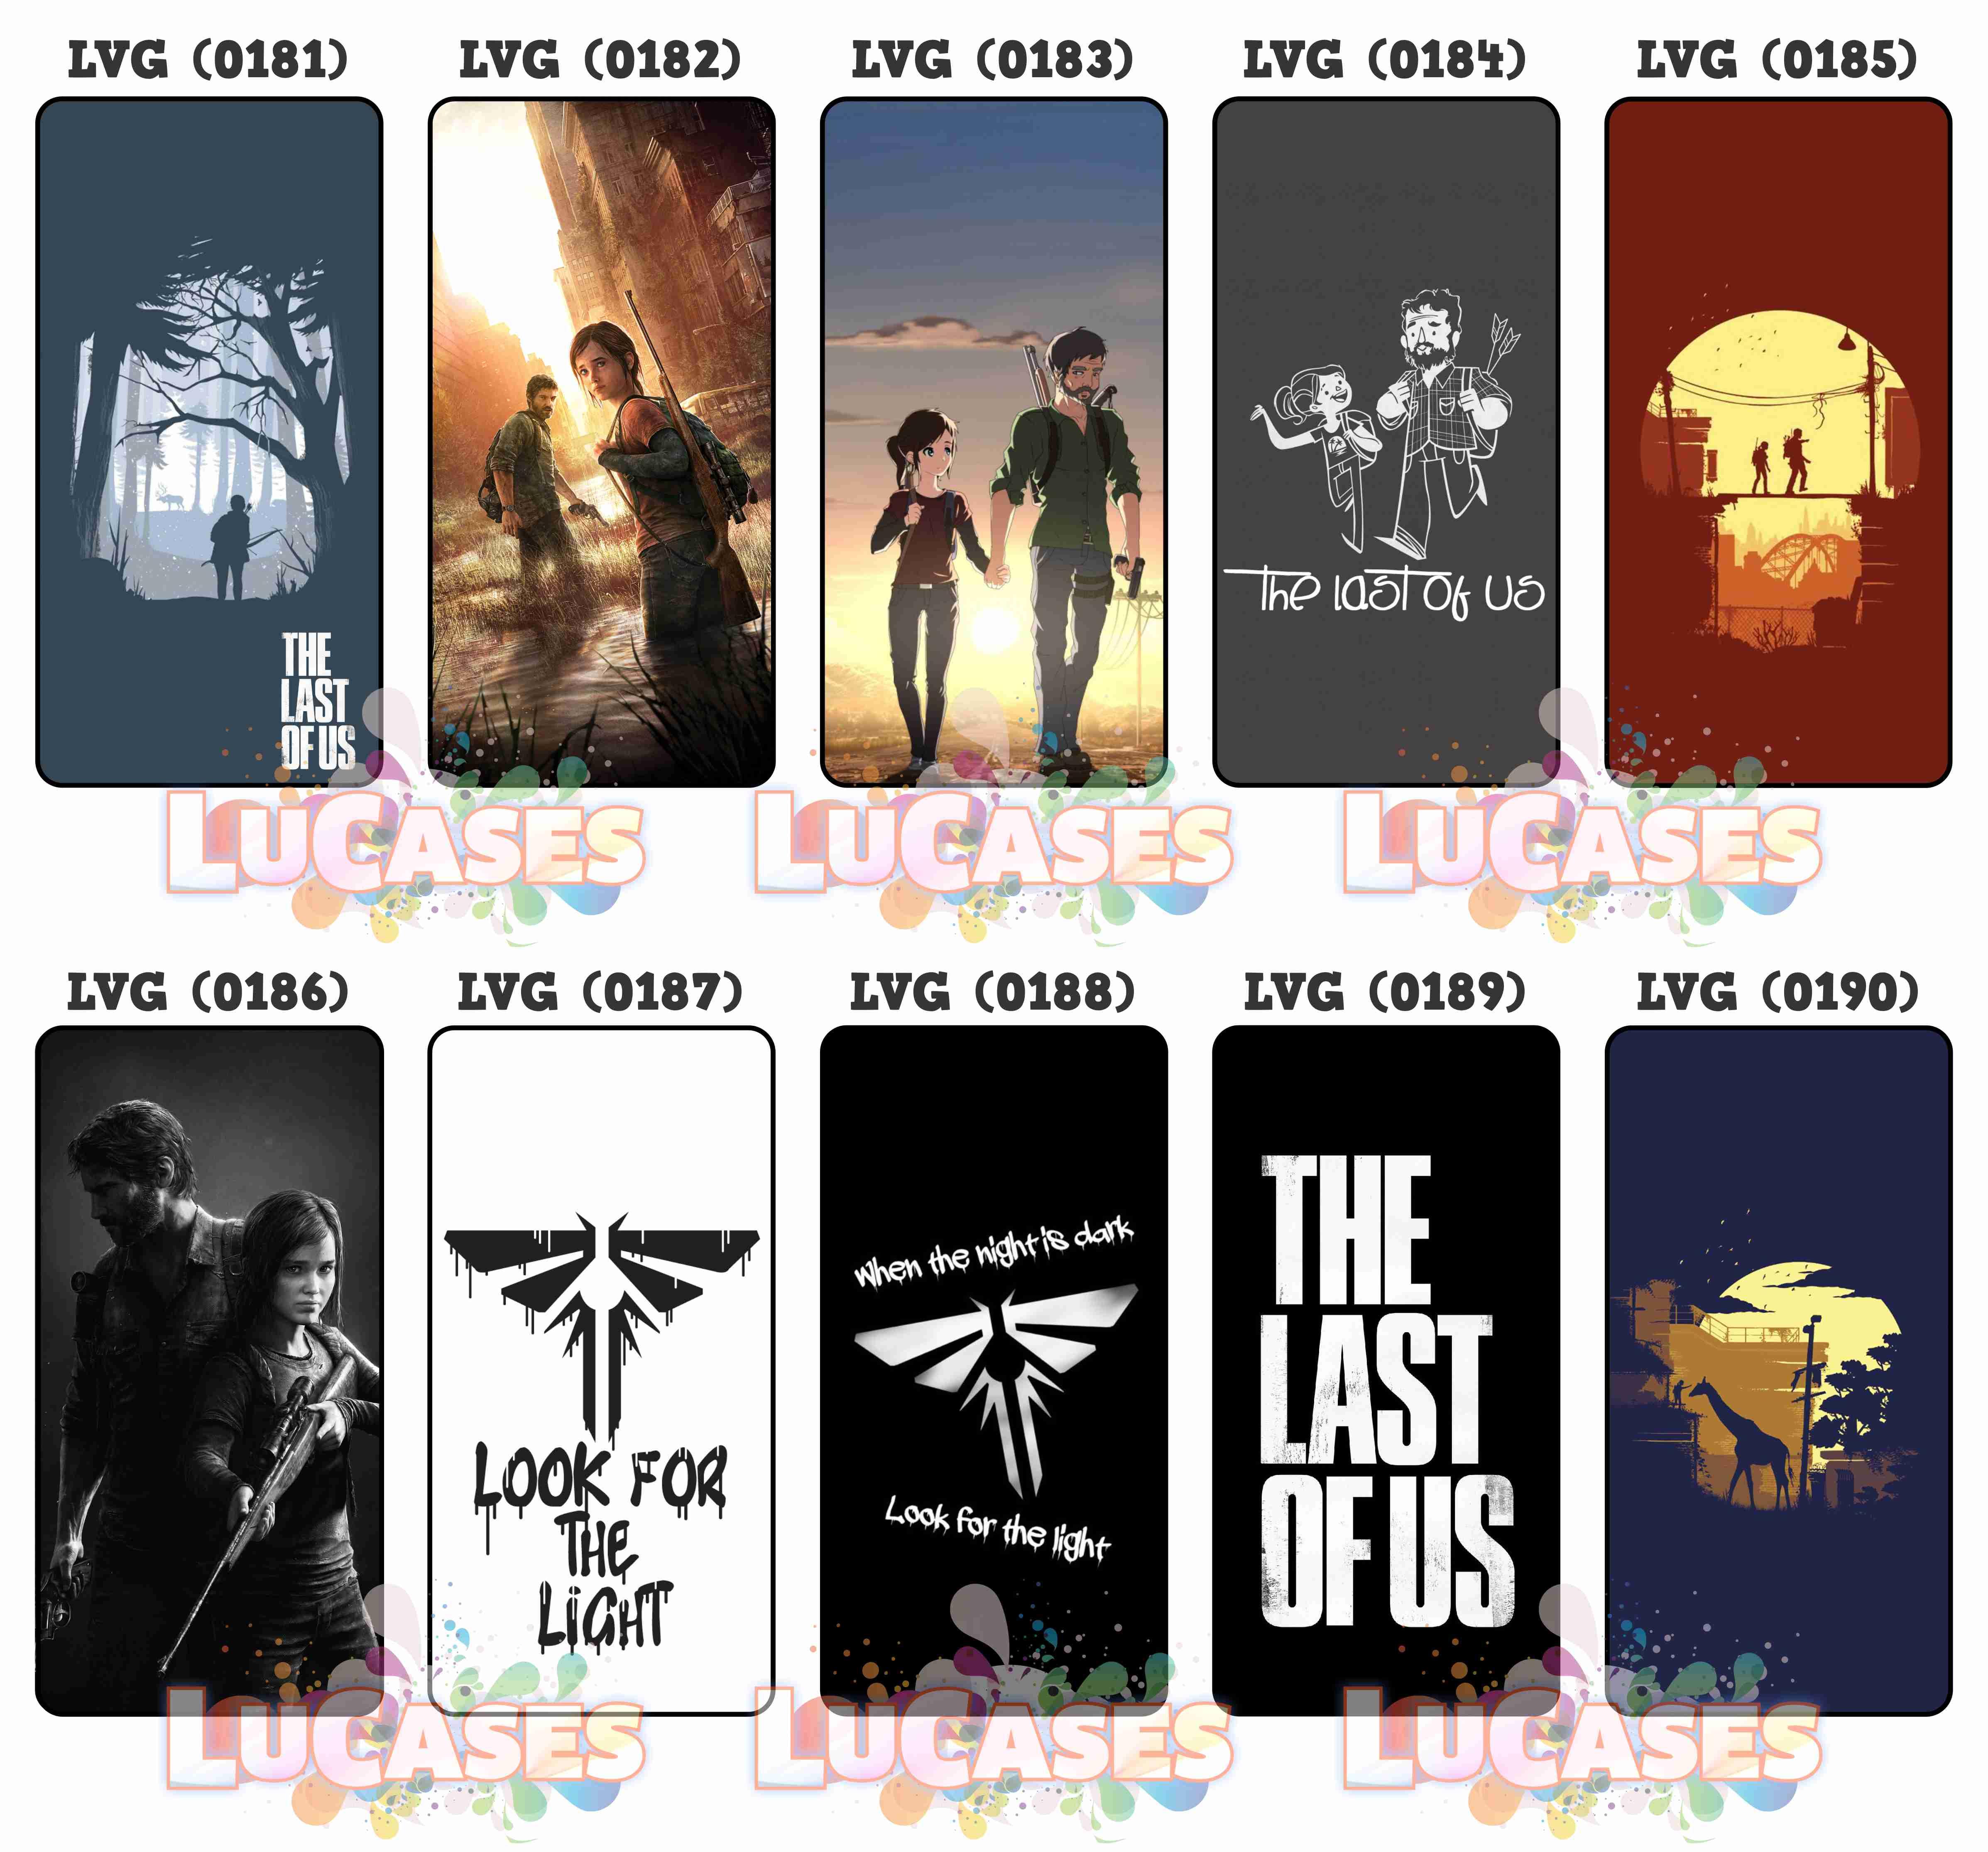 Capa Capinha Celular The Last Of Us Tlou No Elo7 Loja Lucases